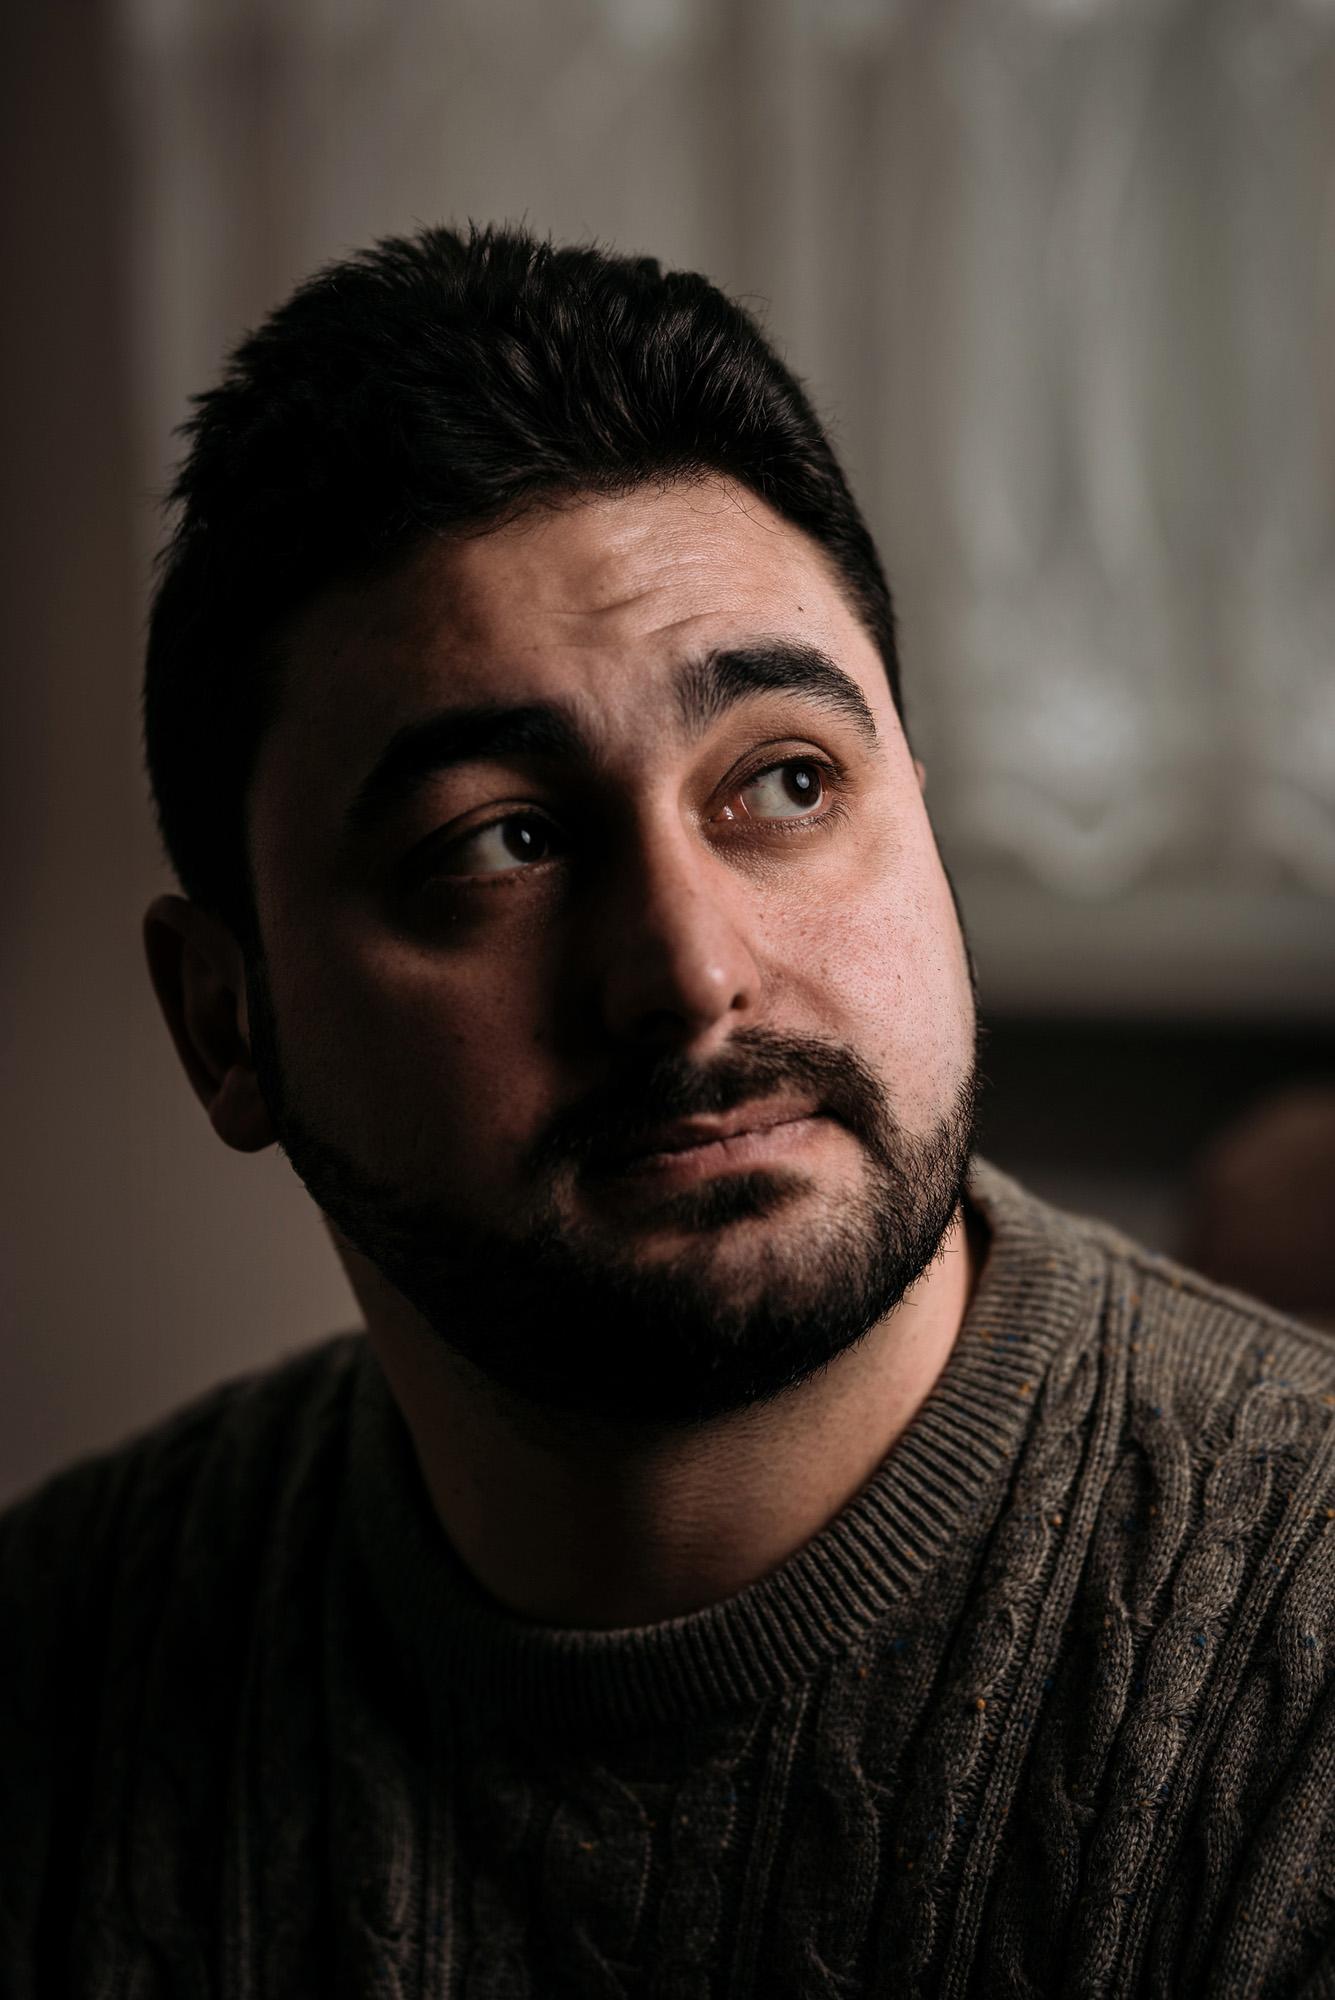 Abdulkerim Şimşek, Sohn des NSU-Mordopfers Enver Şimşek